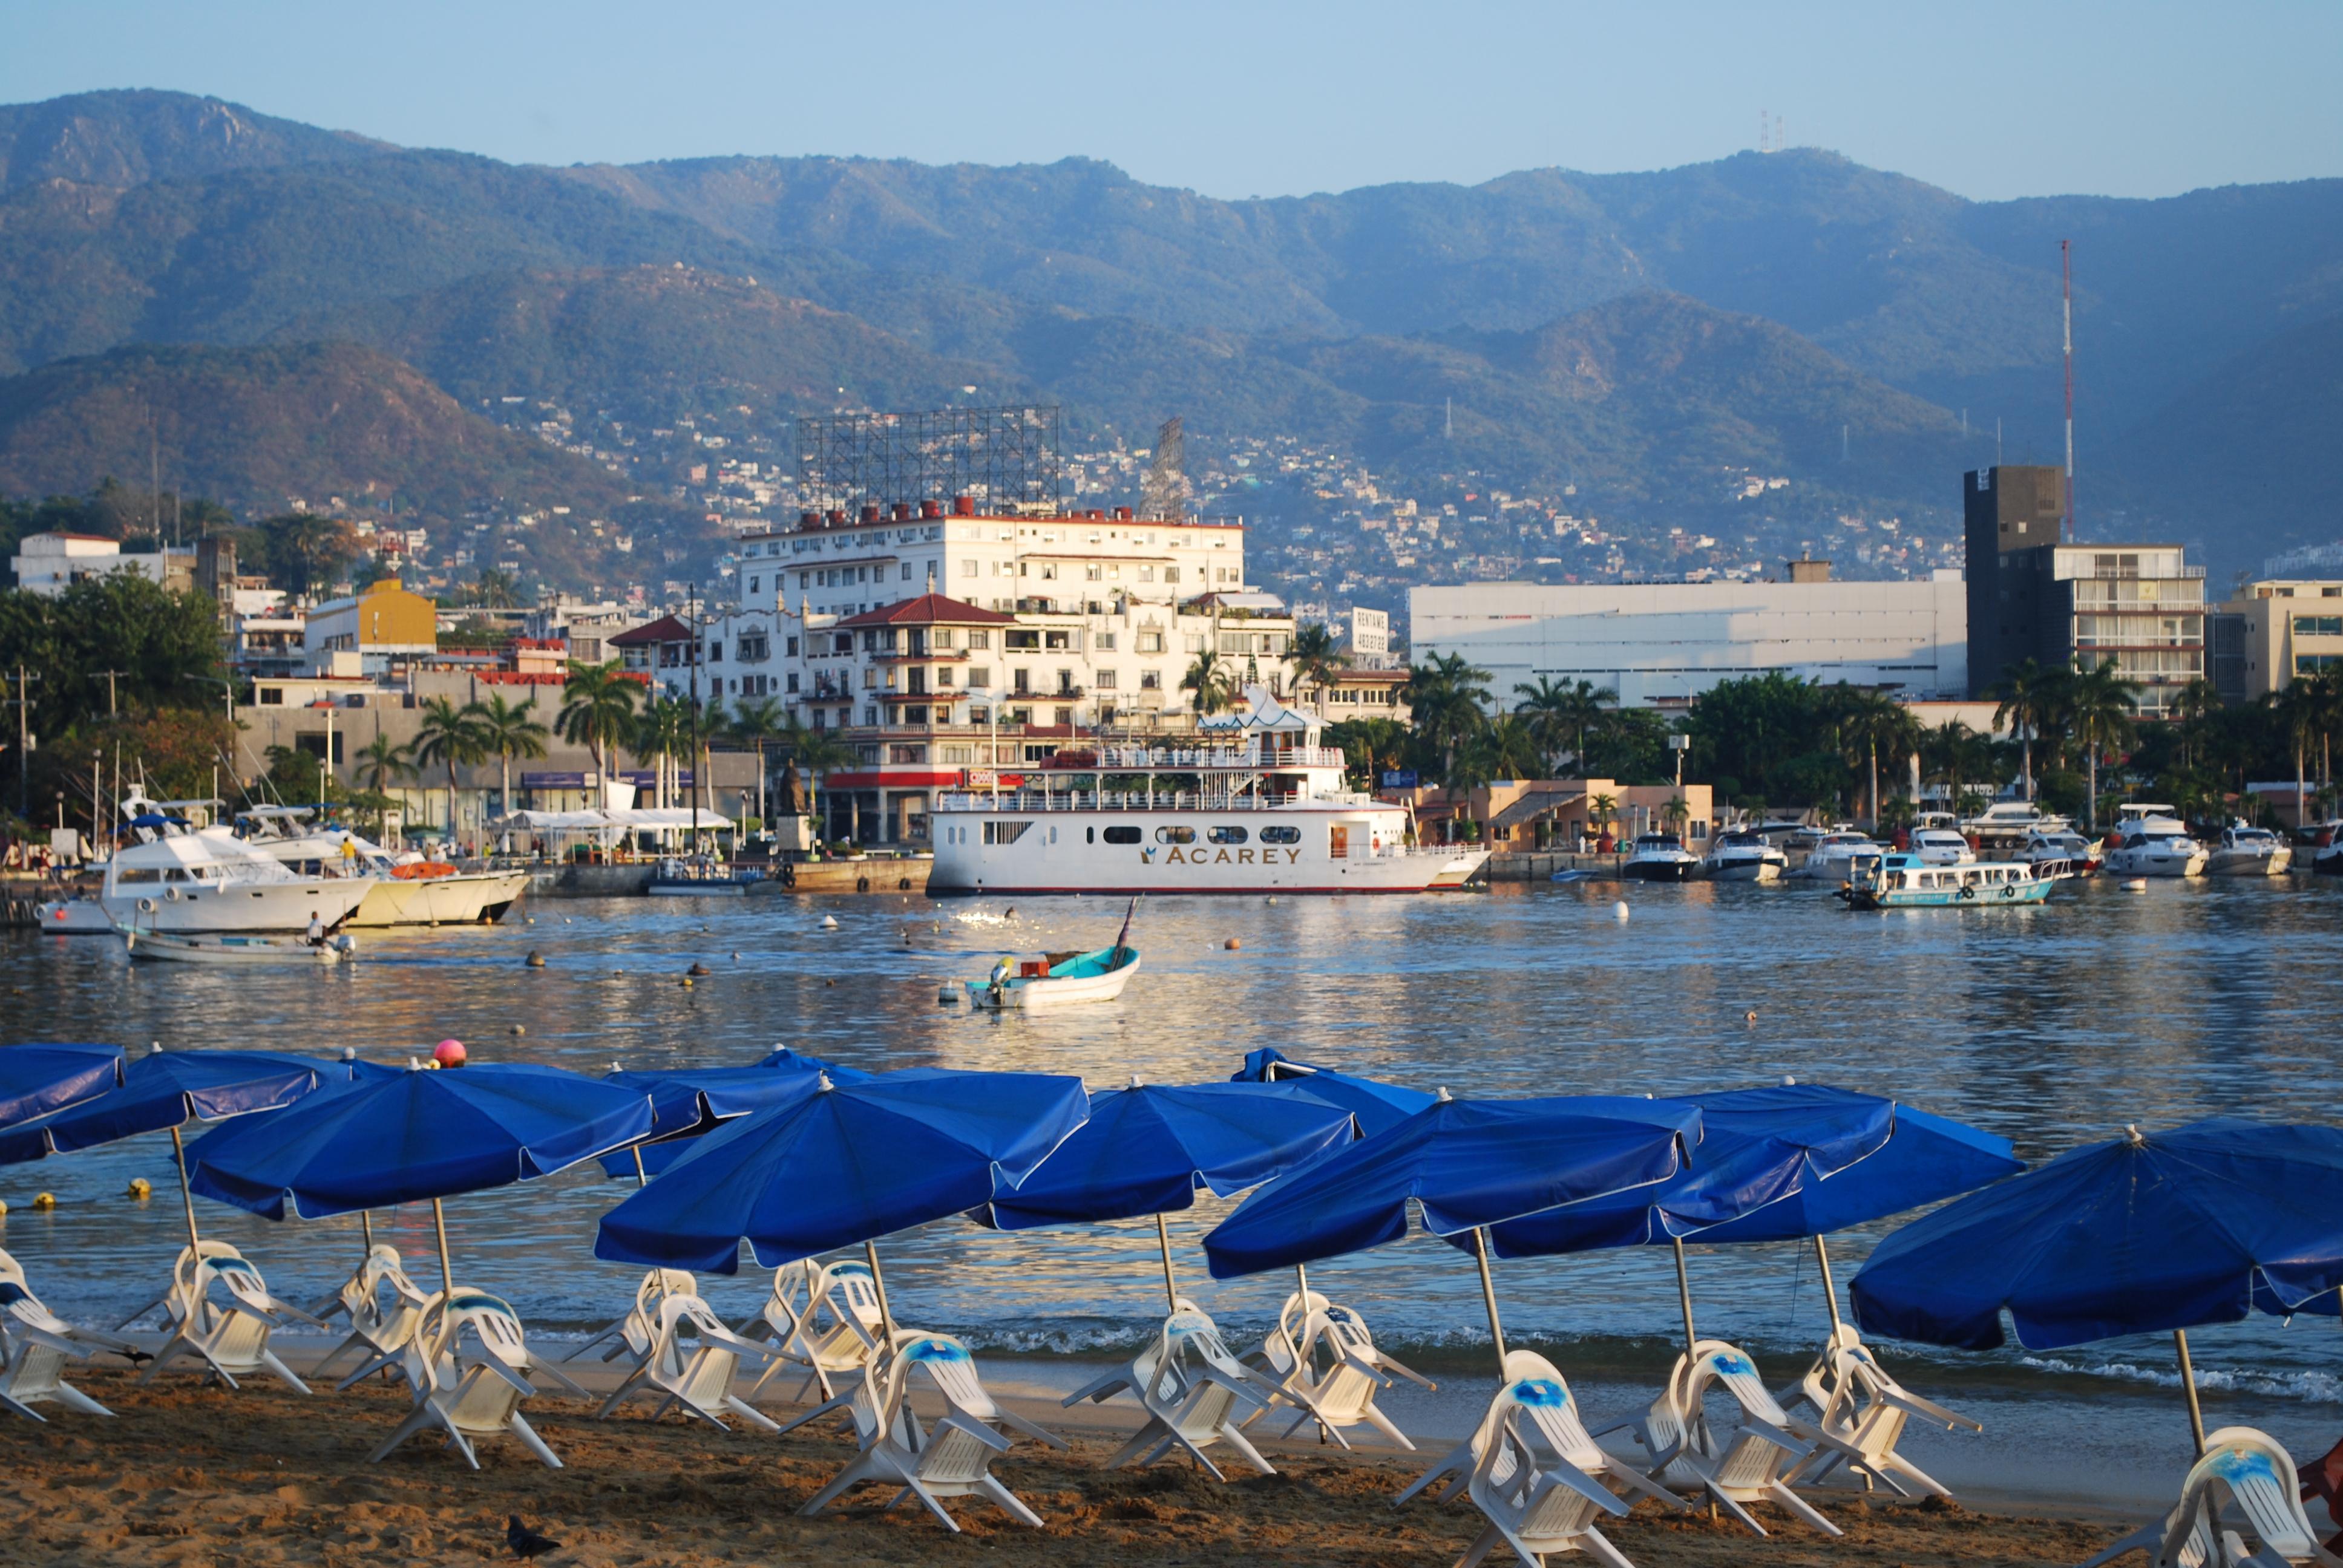 Vista de la playa Tlacopanocha en Acapulco